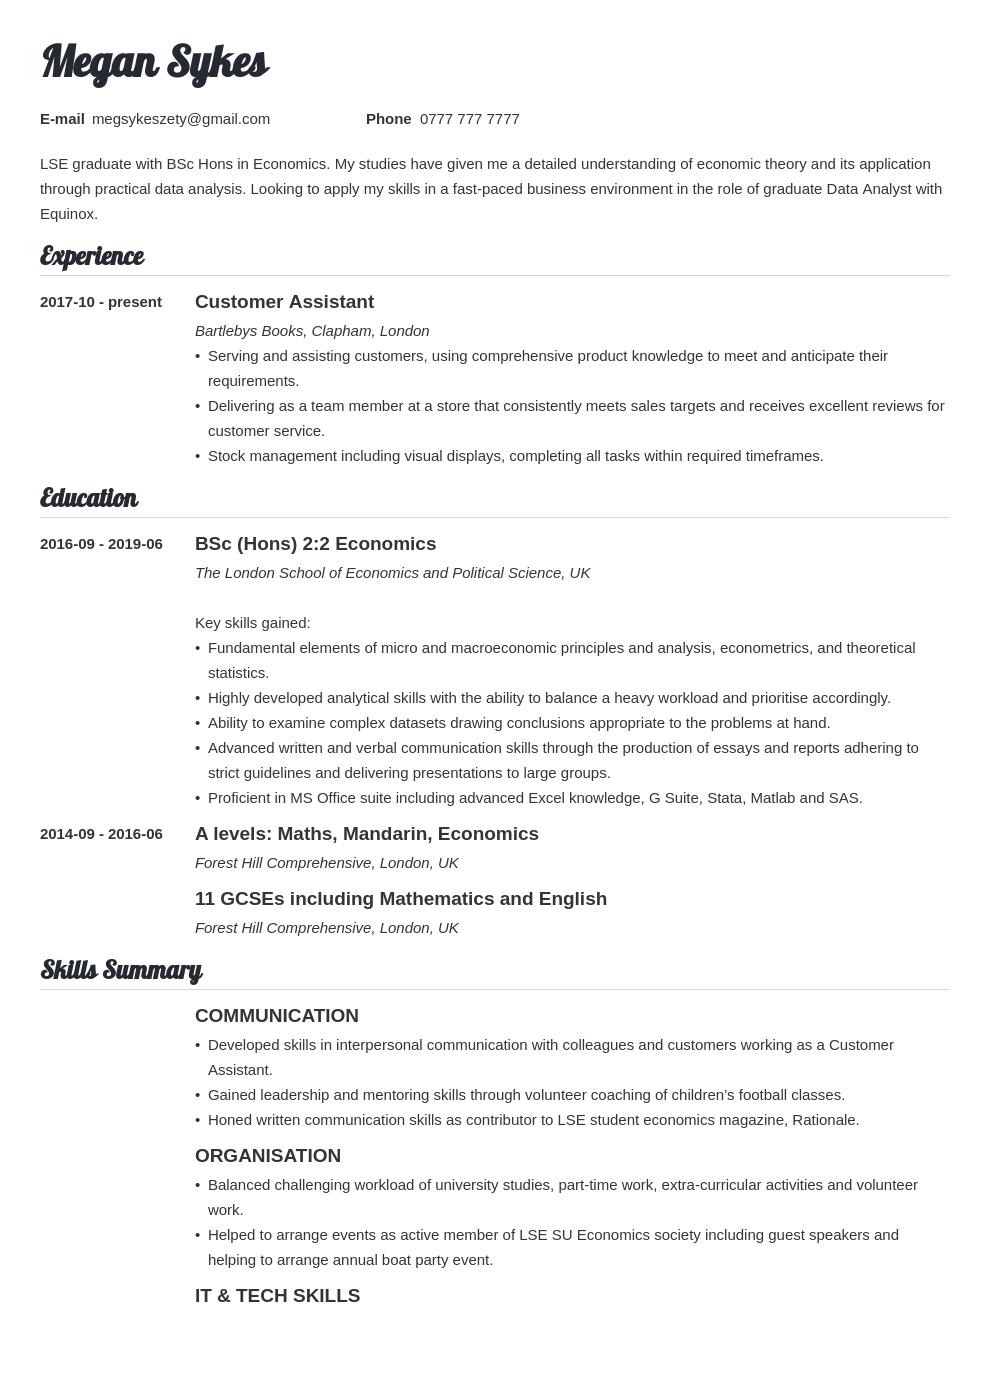 uk graduate cv example template valera in 2020 Cv